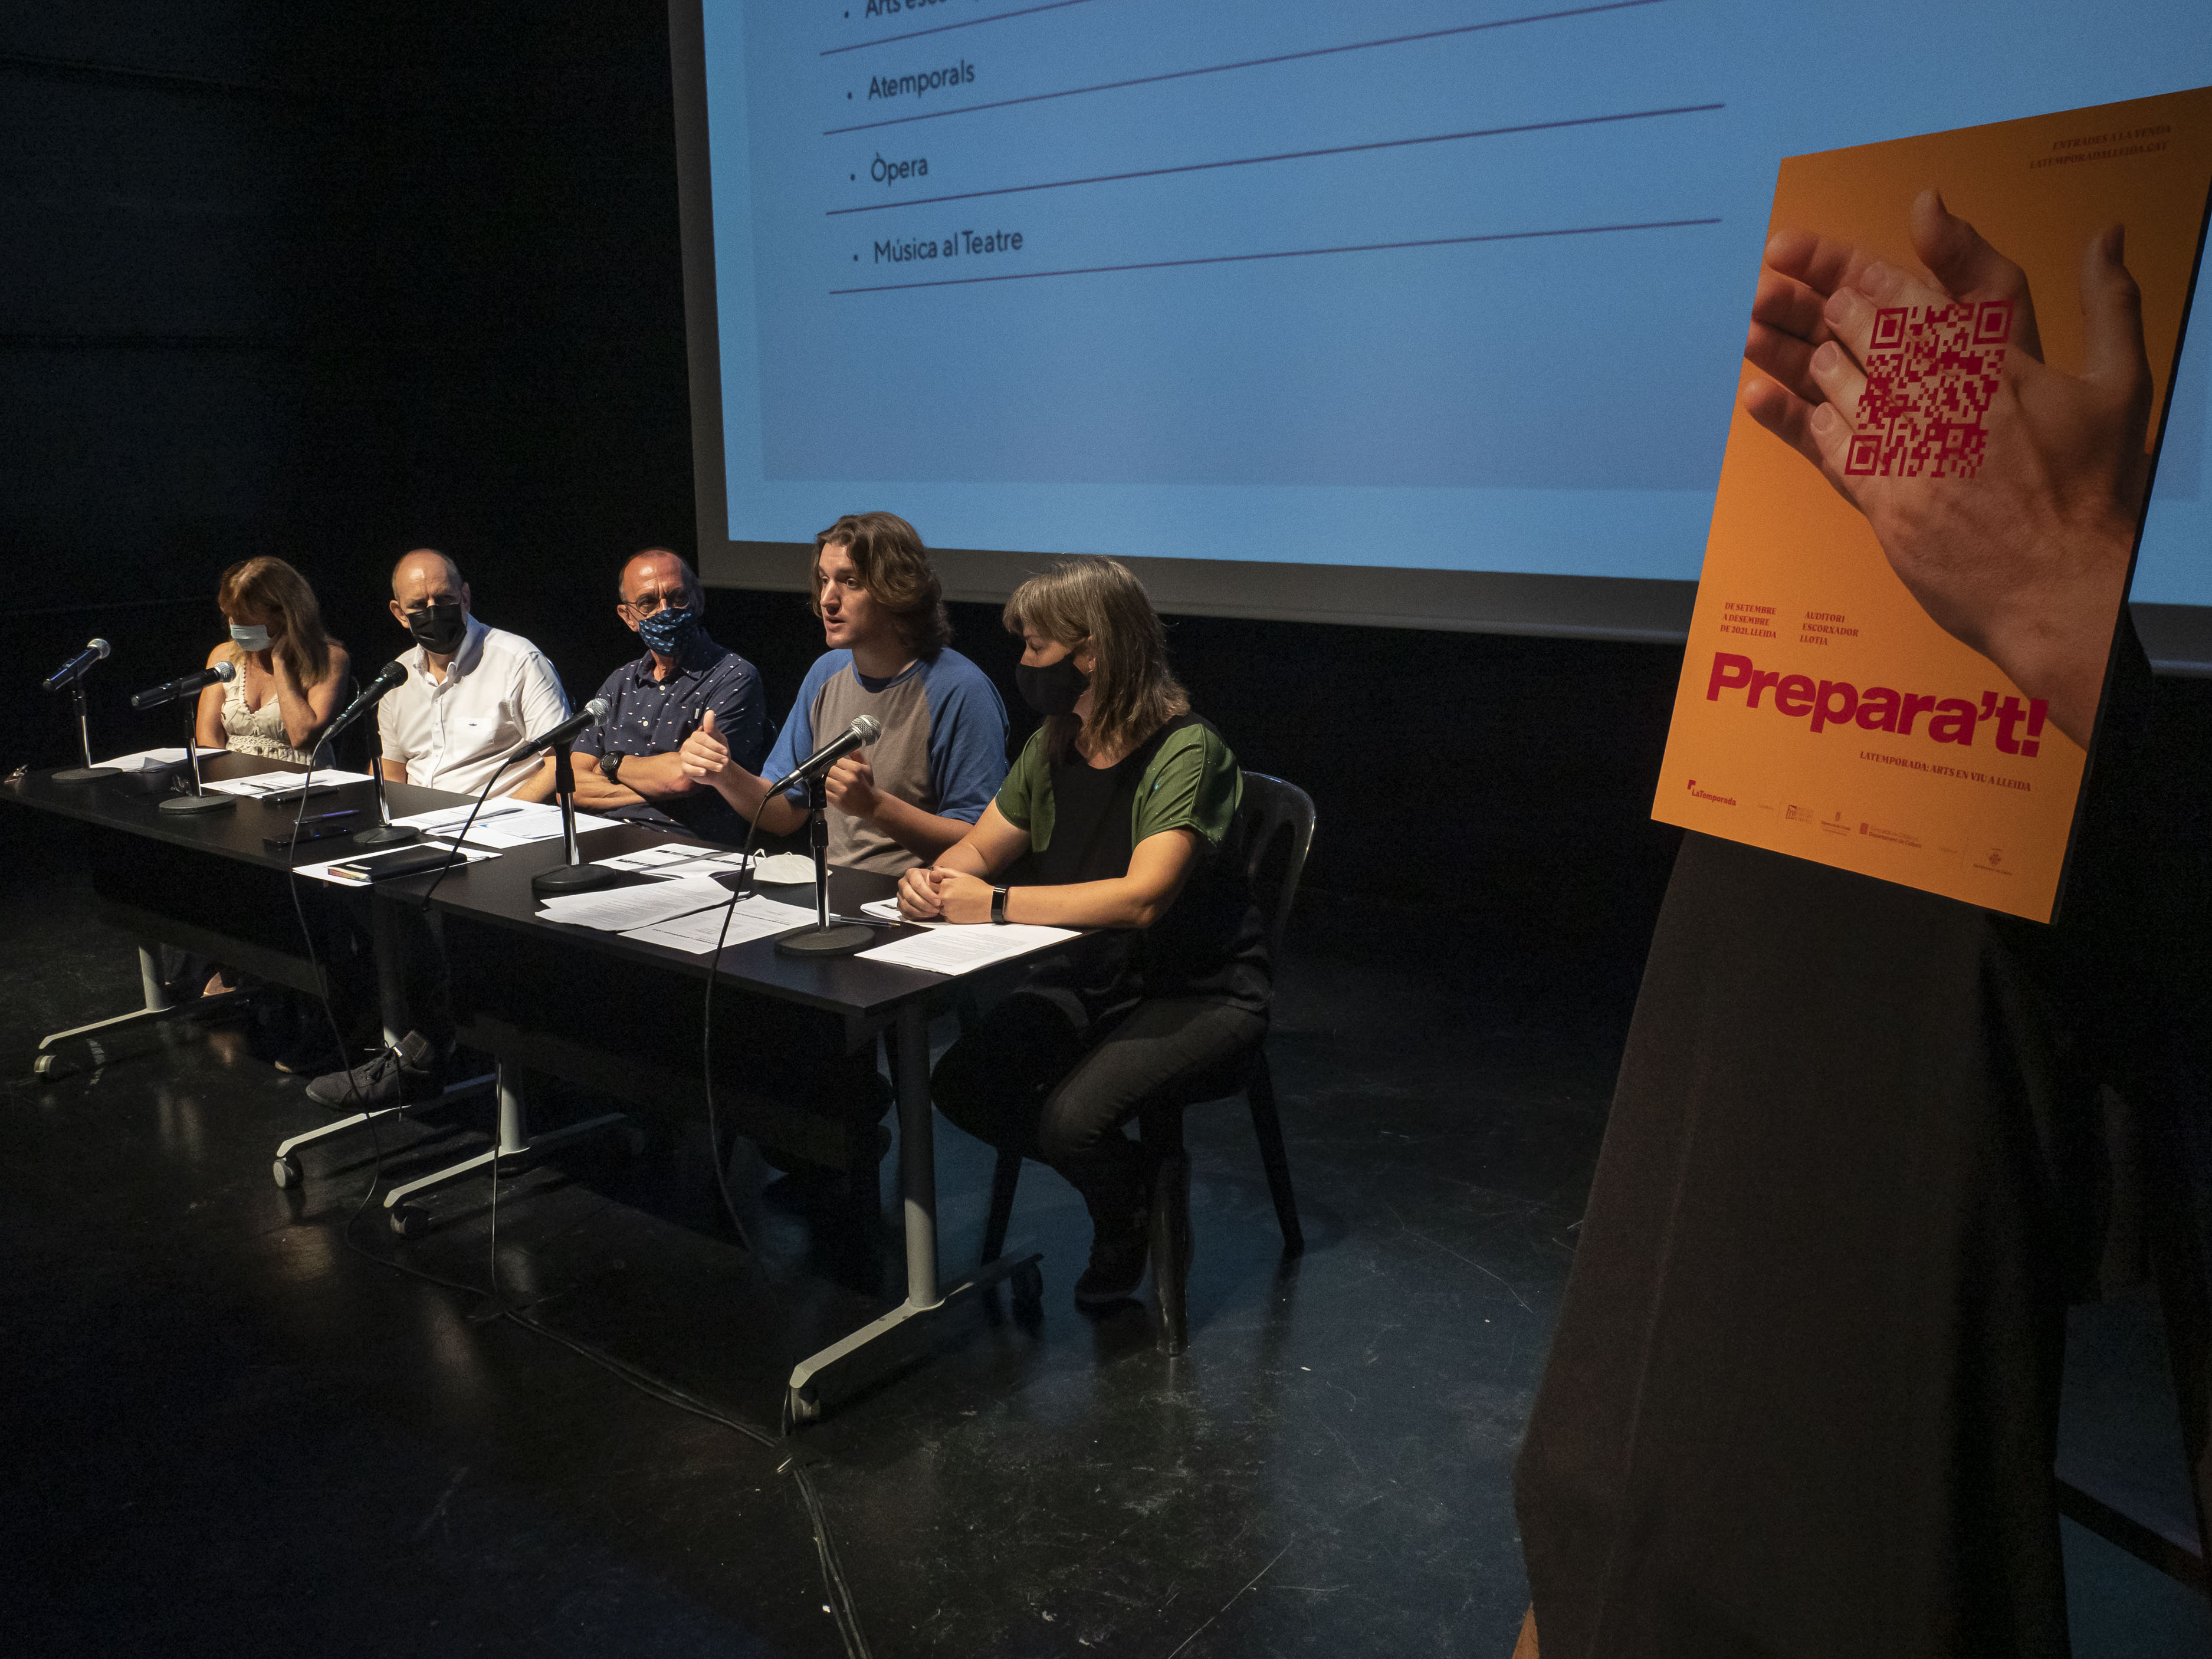 Presentació de LaTemporada del teatre públic de Lleida. @javimartin